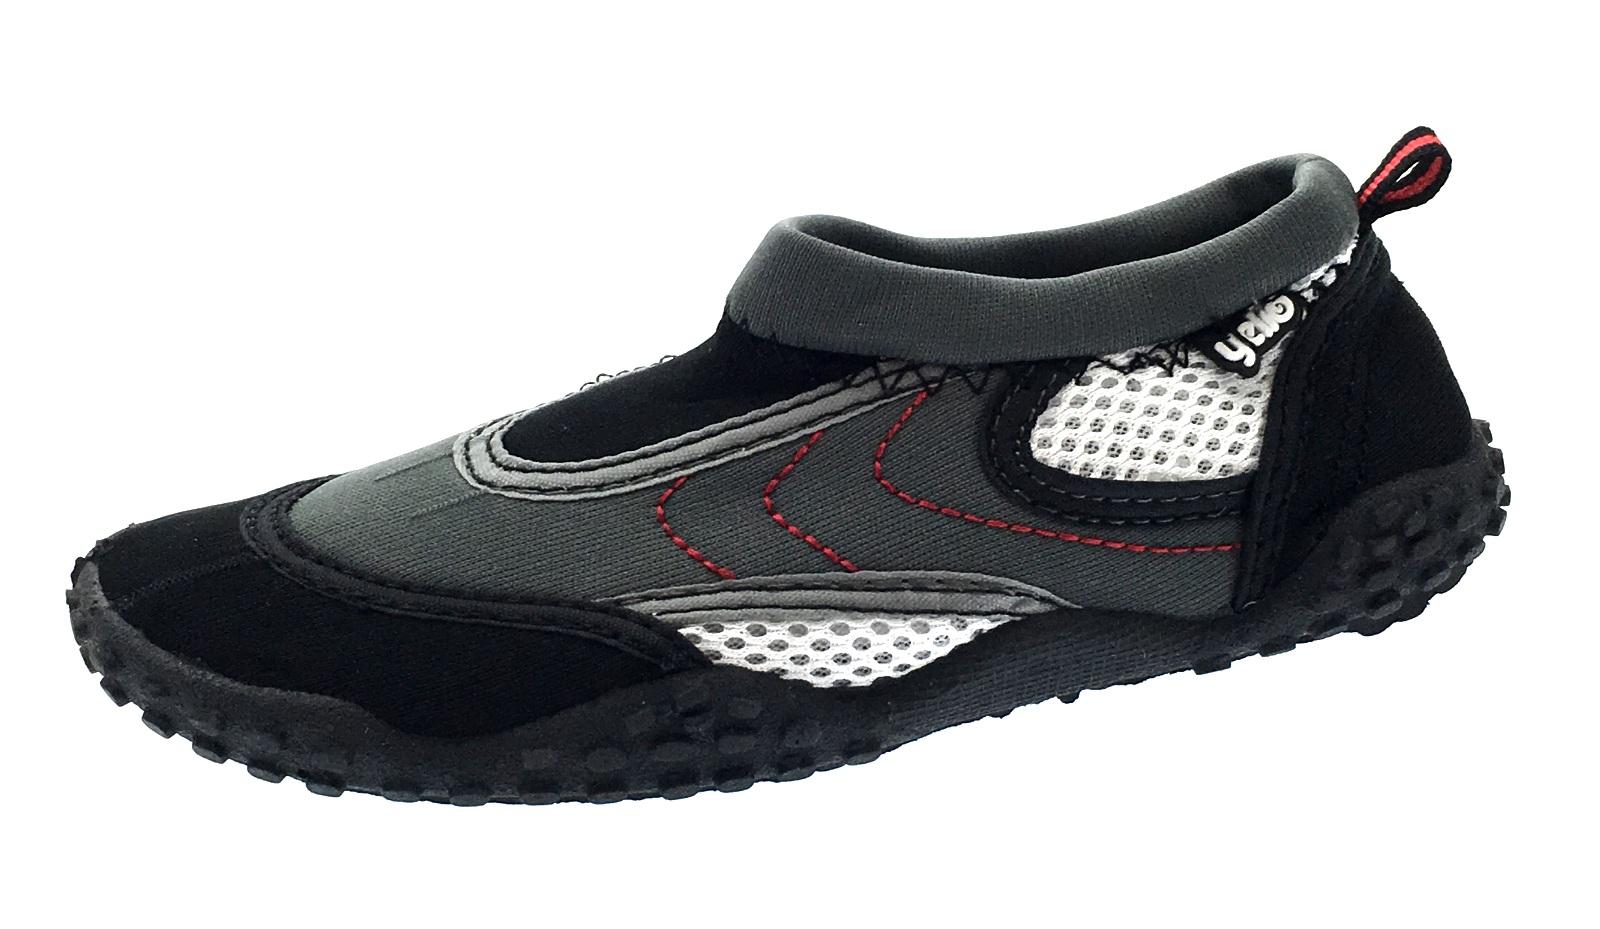 Kids Wet Suit Shoes